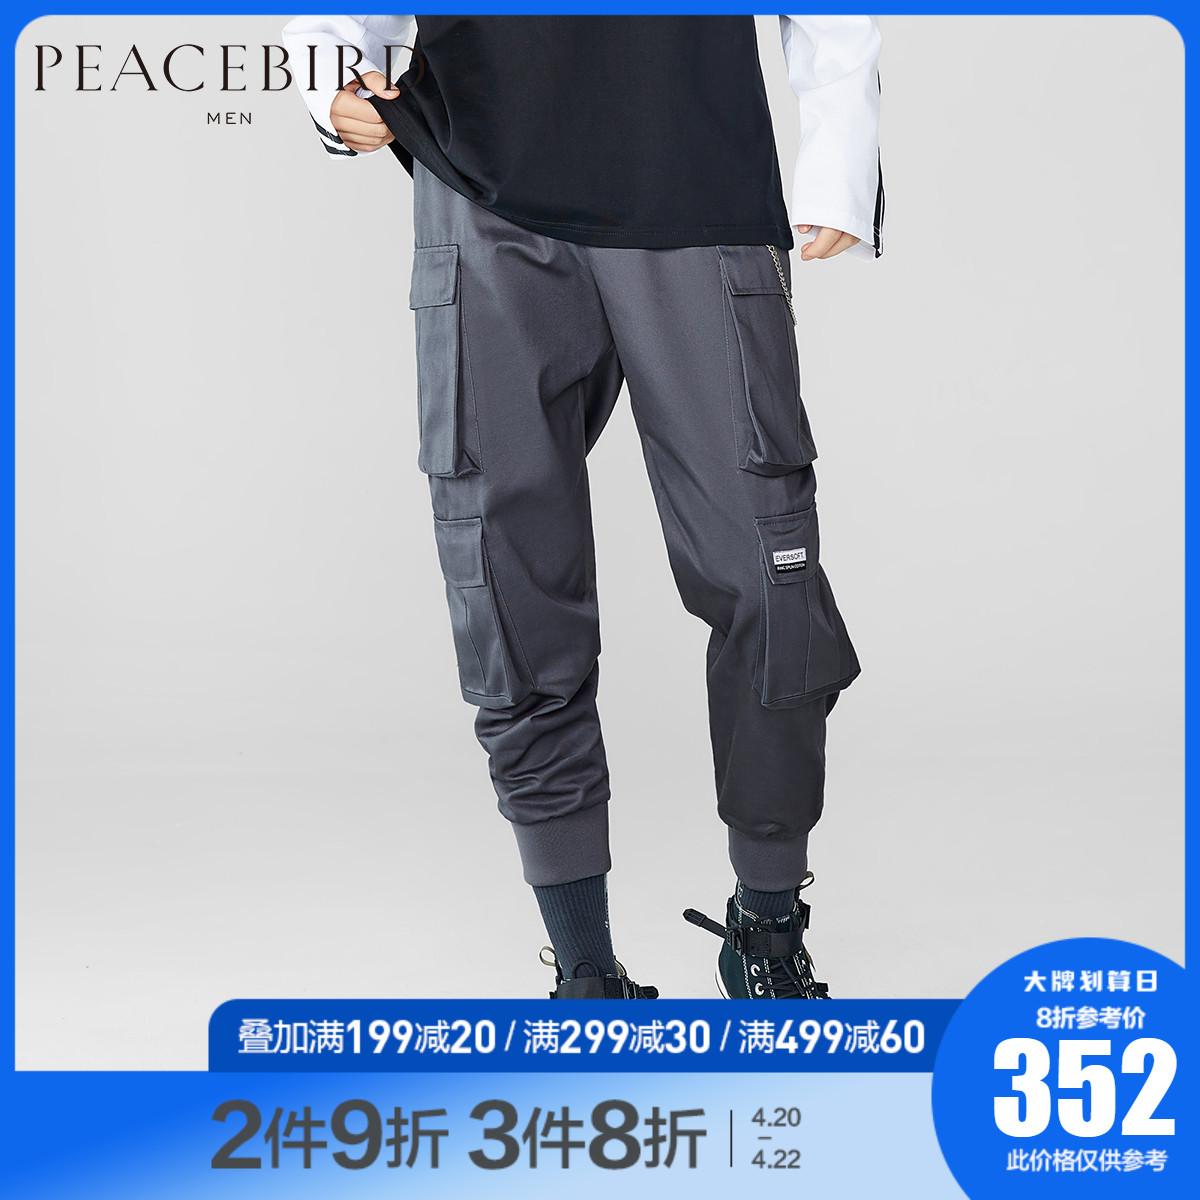 太平鸟男装 男士工装裤灰色机能裤韩版修身长裤多口袋裤子ins潮裤